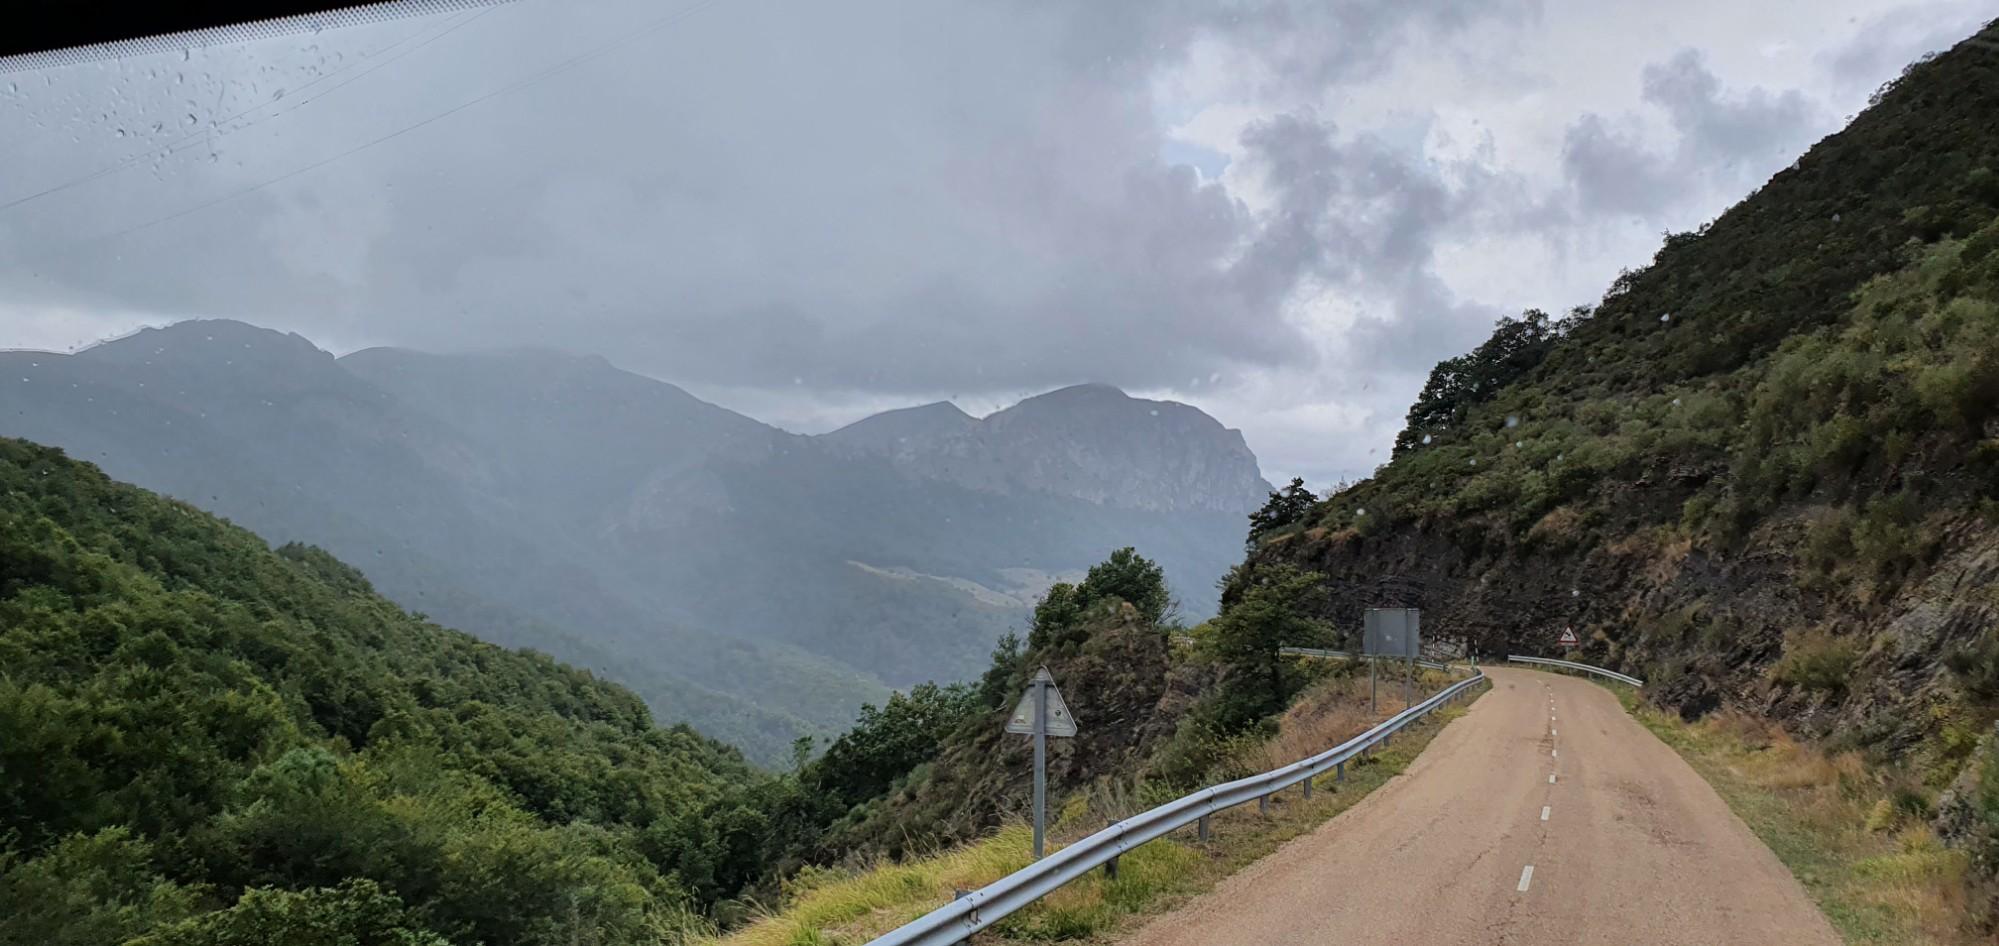 15 septembre : Route vers Fuente Dé